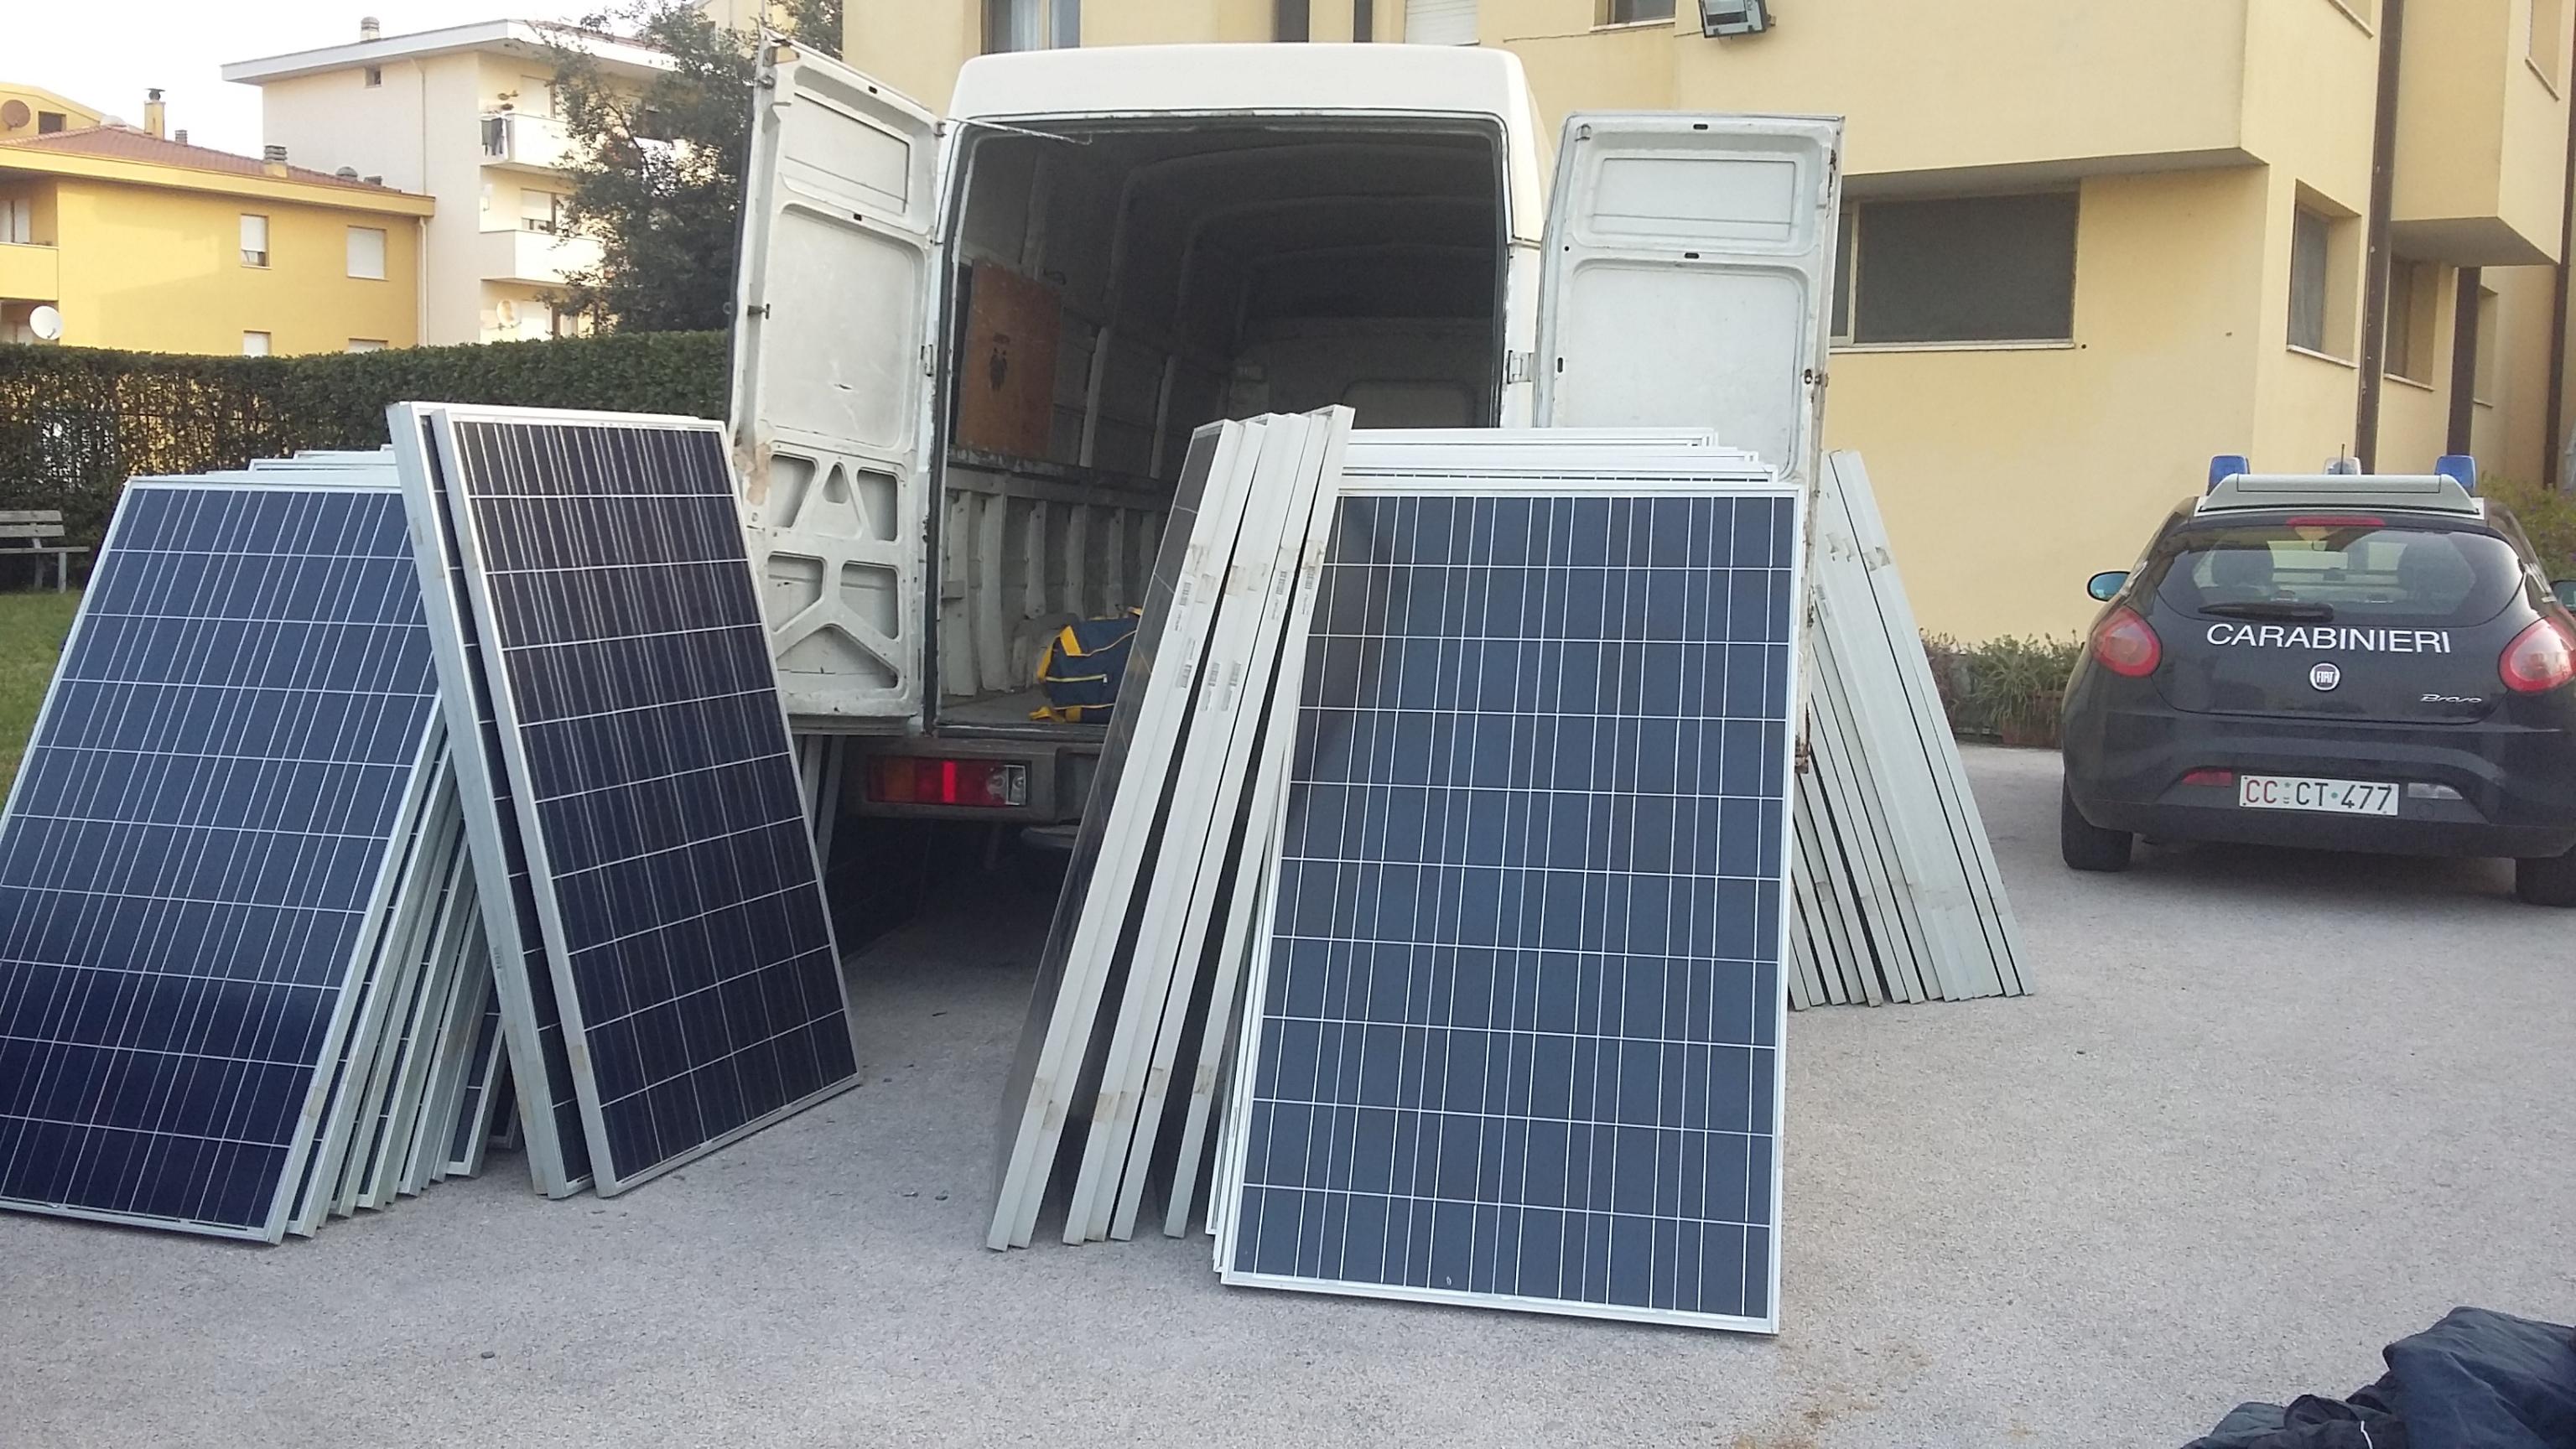 Furti pannelli solari,51misure cautelari